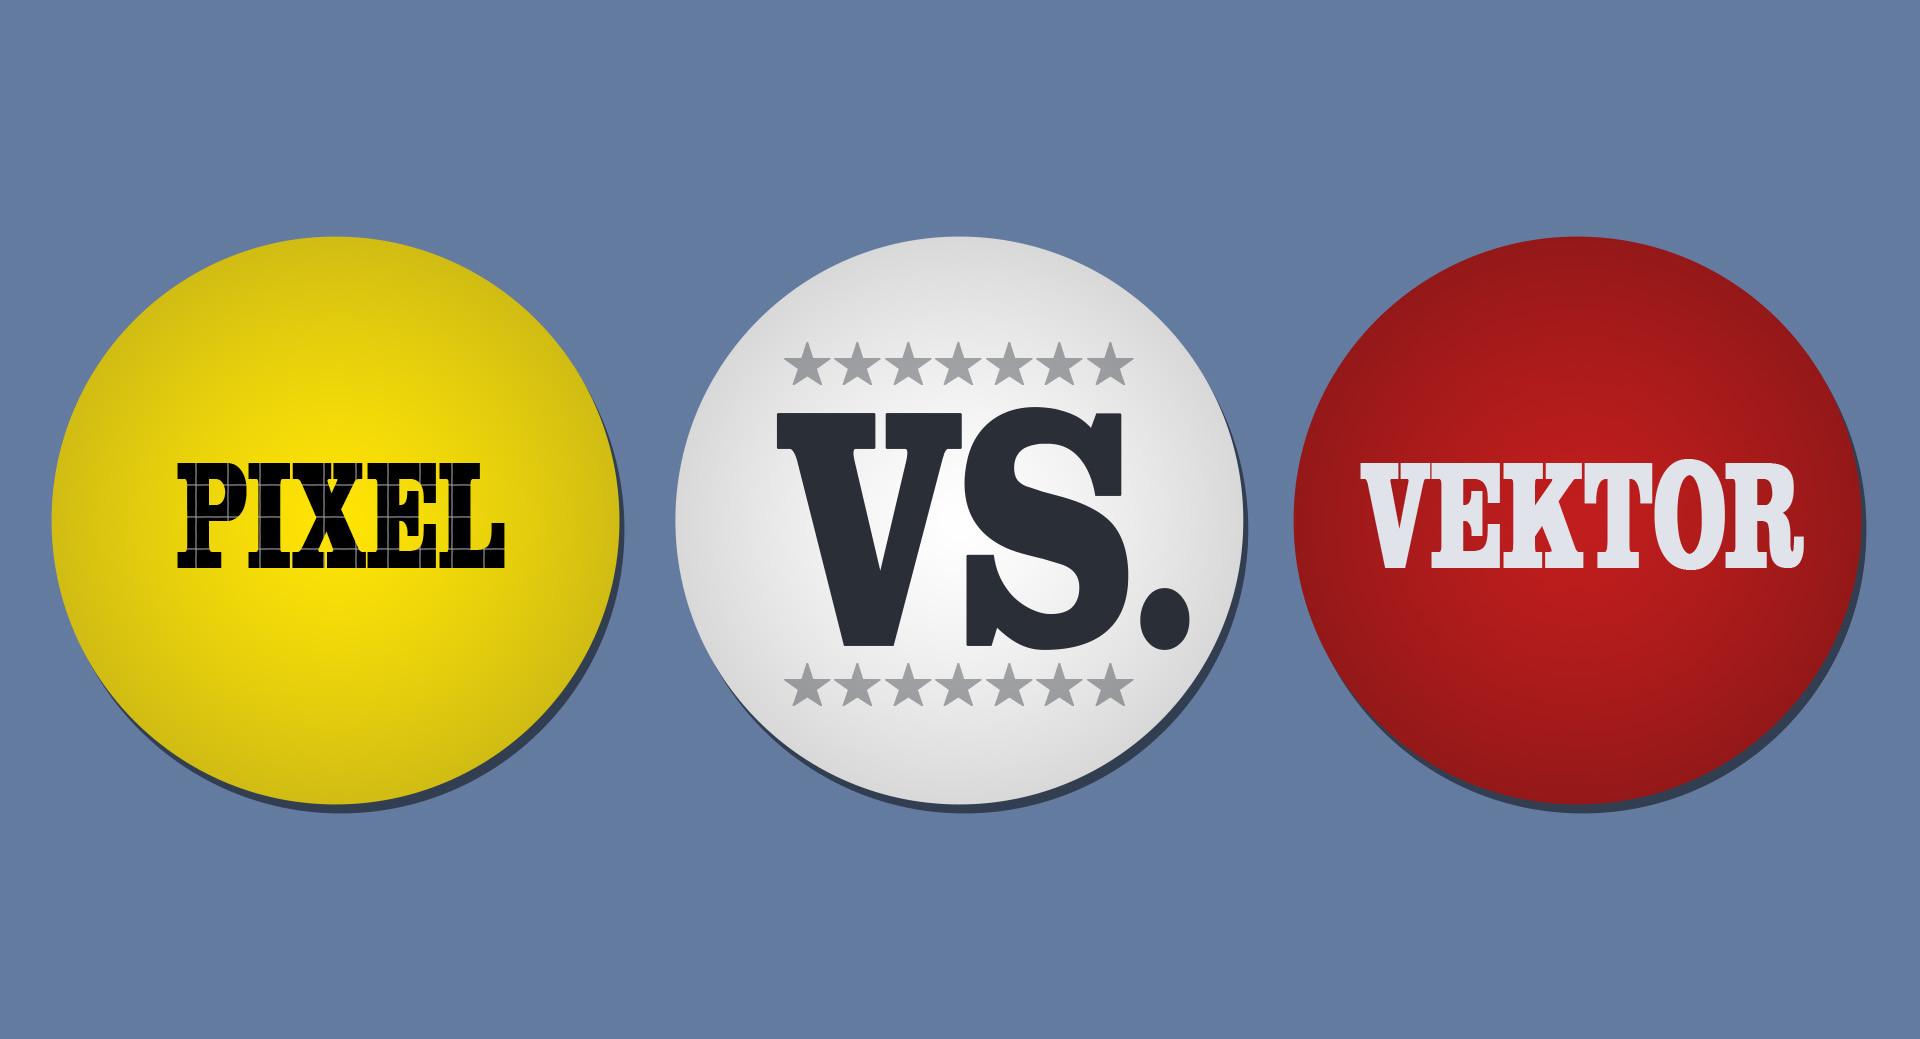 Pixel vs. Vektor - Pixelbild und Vektorgrafik - Pixel vs. Vektor - der Unterschied zwischen Pixelbild und Vektorgrafik